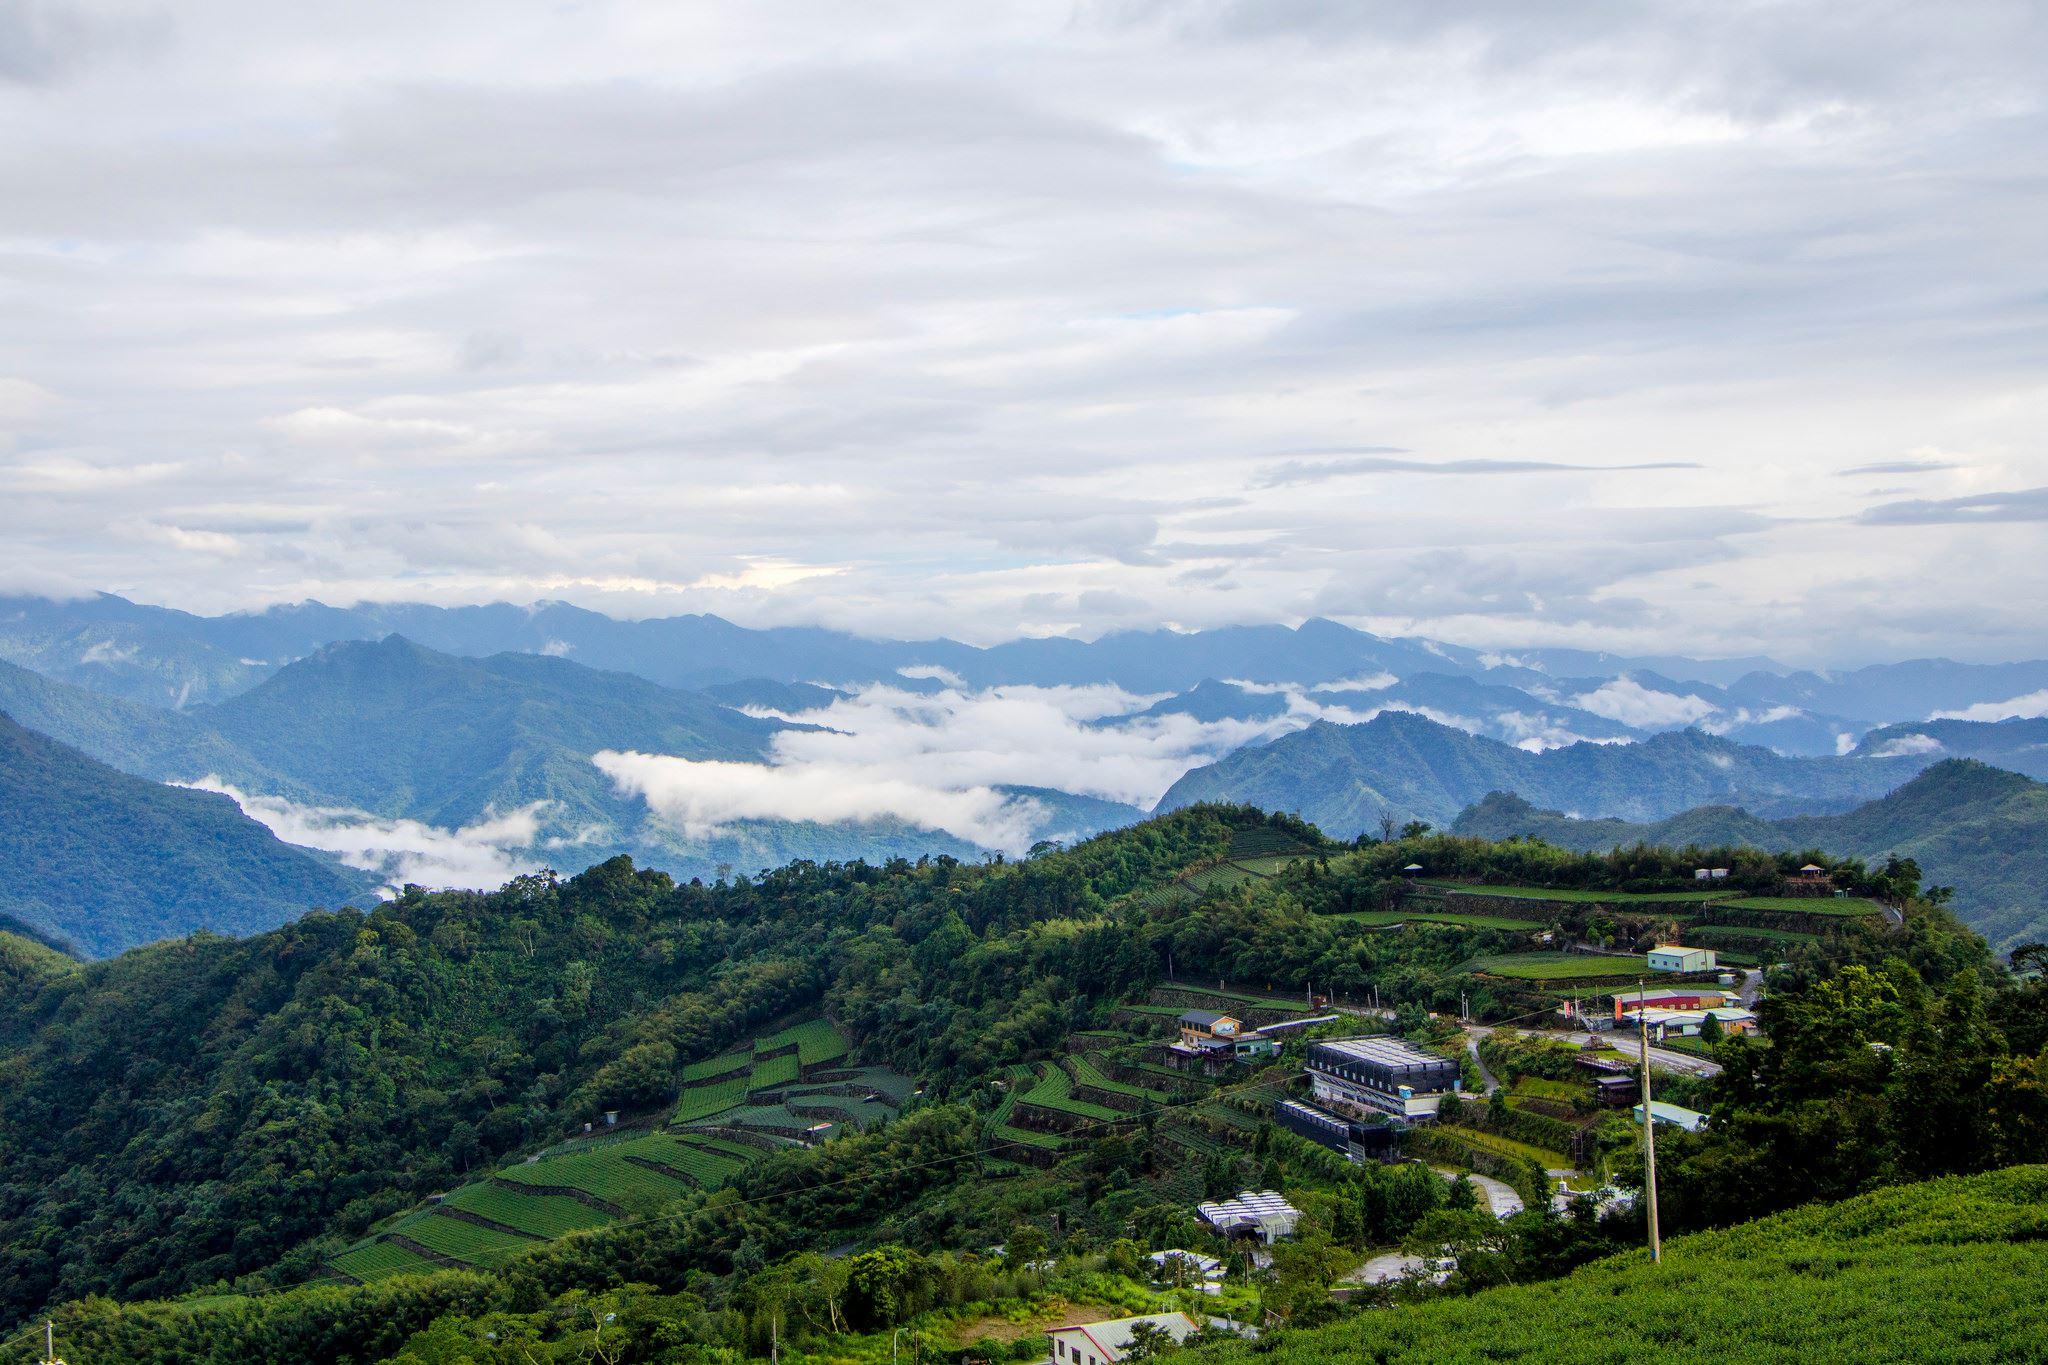 阿里山茶真的種在阿里山嗎? 嘉義隙頂 ❌ 石棹 美麗雲海裡的茶葉故鄉